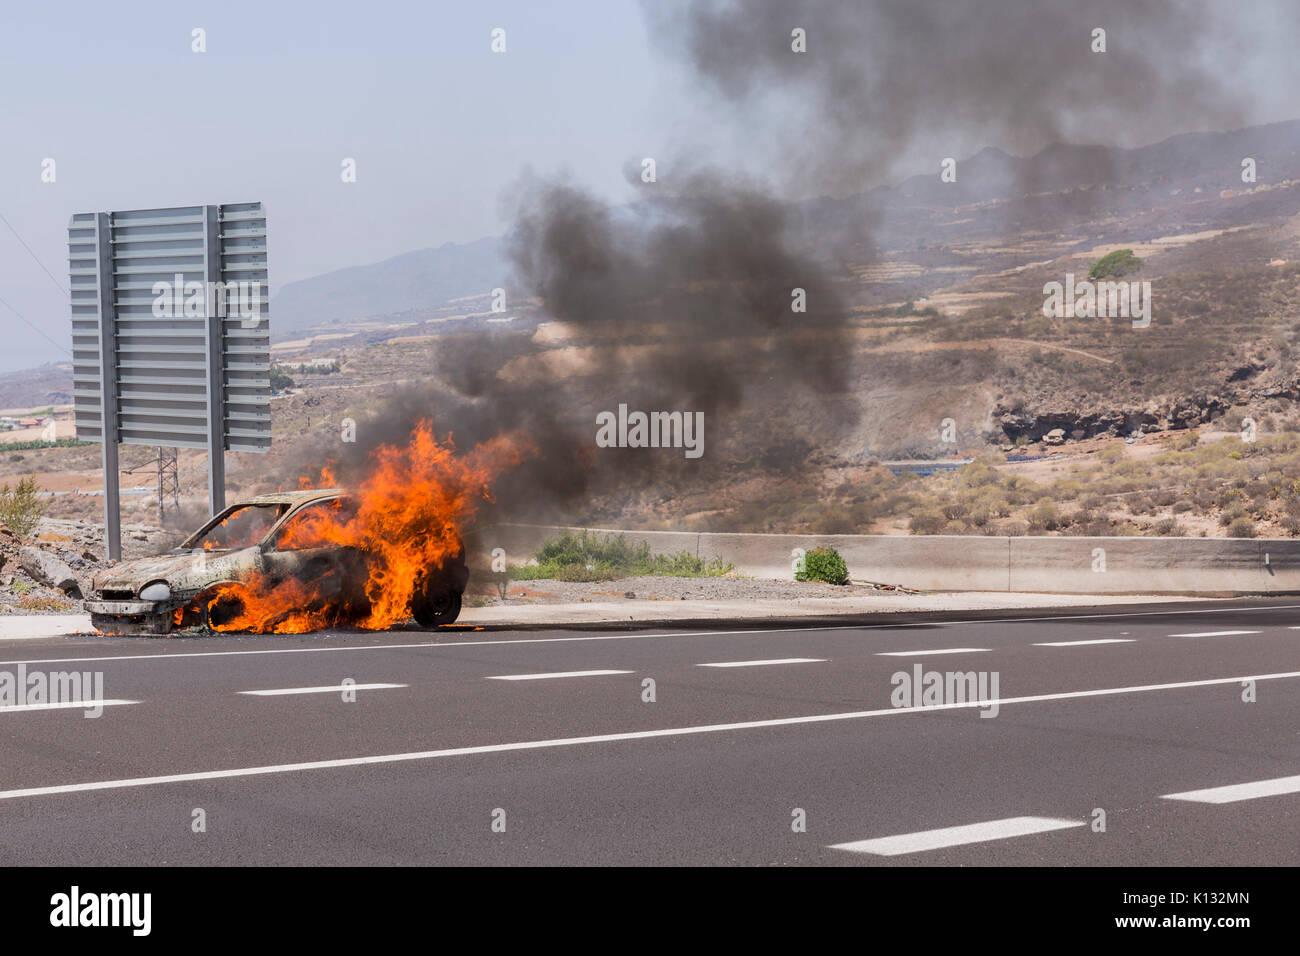 opel-corsa-car-on-fire-by-the-roadside-K